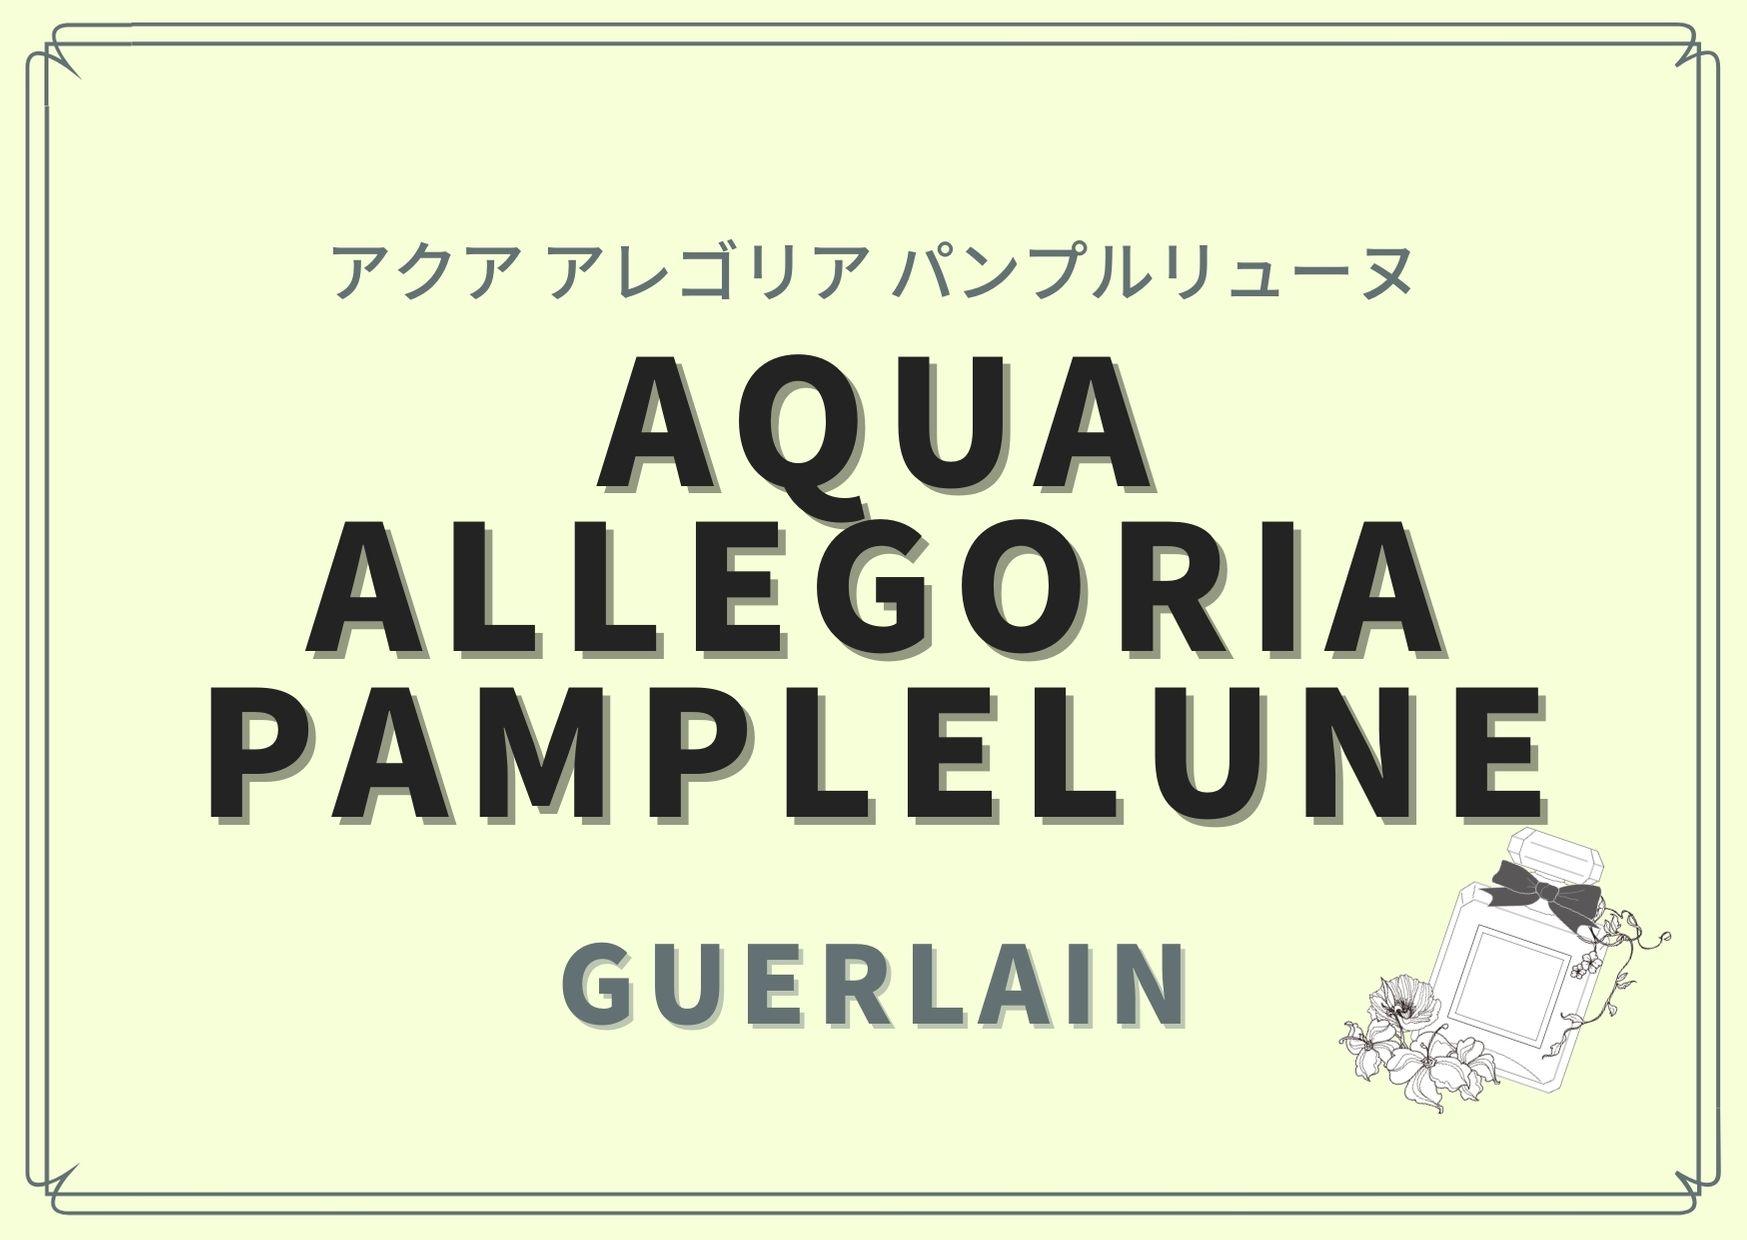 AQUA ALLEGORIA PAMPLELUNE(アクア アレゴリア パンプルリューヌ)/GUERLAIN(ゲラン)